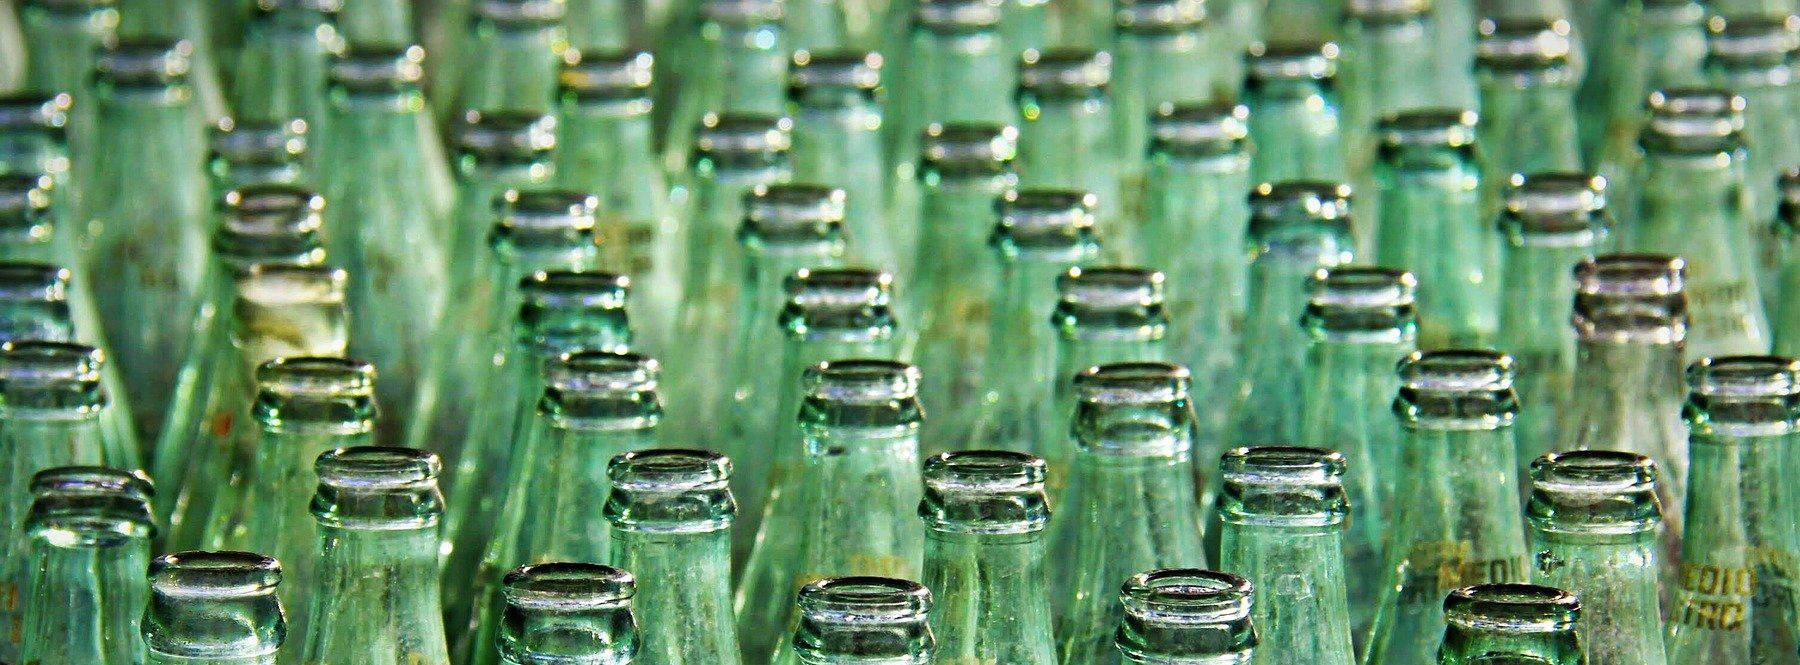 Te pagan por reciclar: ¿conoces el reverse vending?